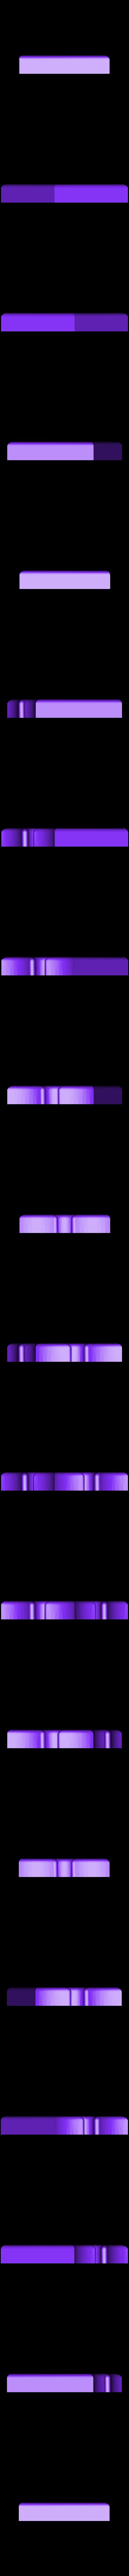 Cell_Puzzle_Bottom-Left.STL Télécharger fichier STL gratuit Échecs démoctratiques • Modèle à imprimer en 3D, Ghashnarb